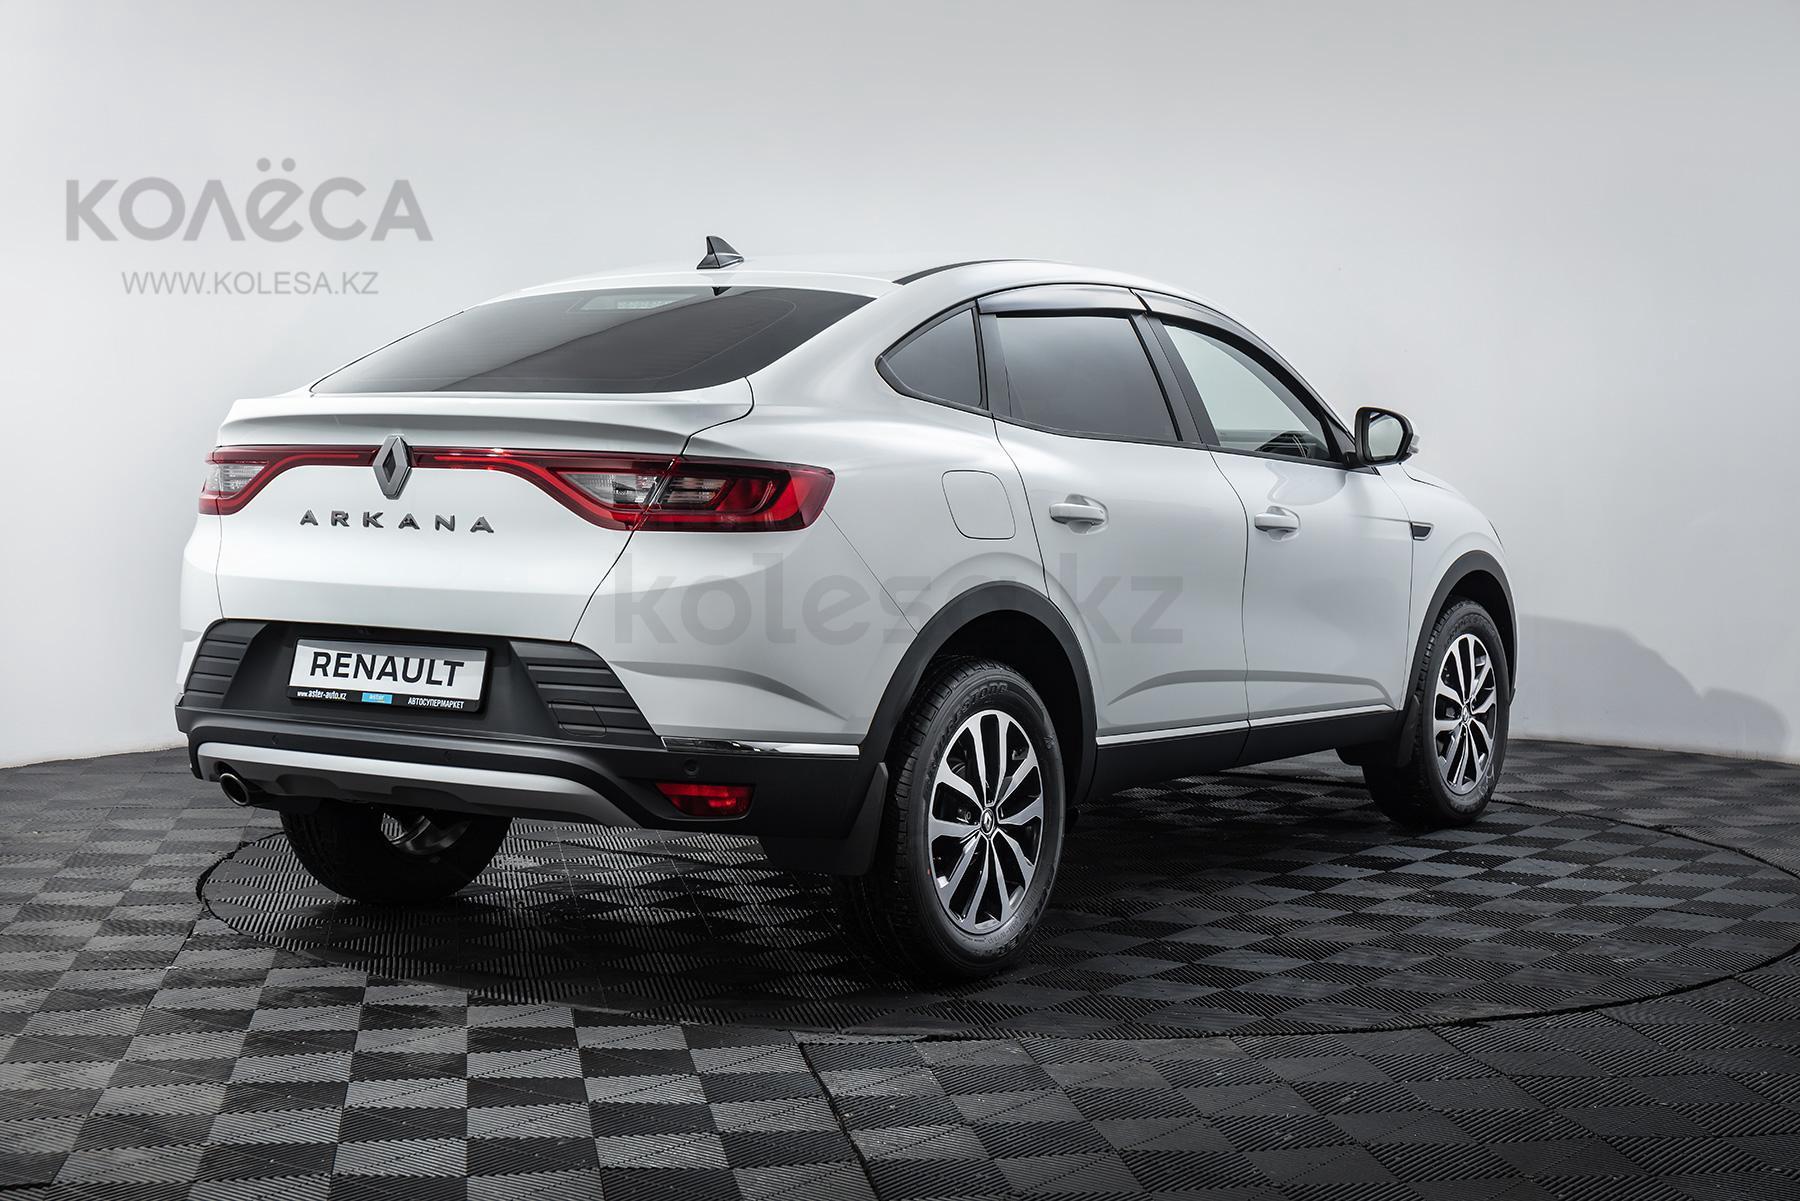 Renault Arkana J класса 2020-2021 года от 8 101 000 тенге